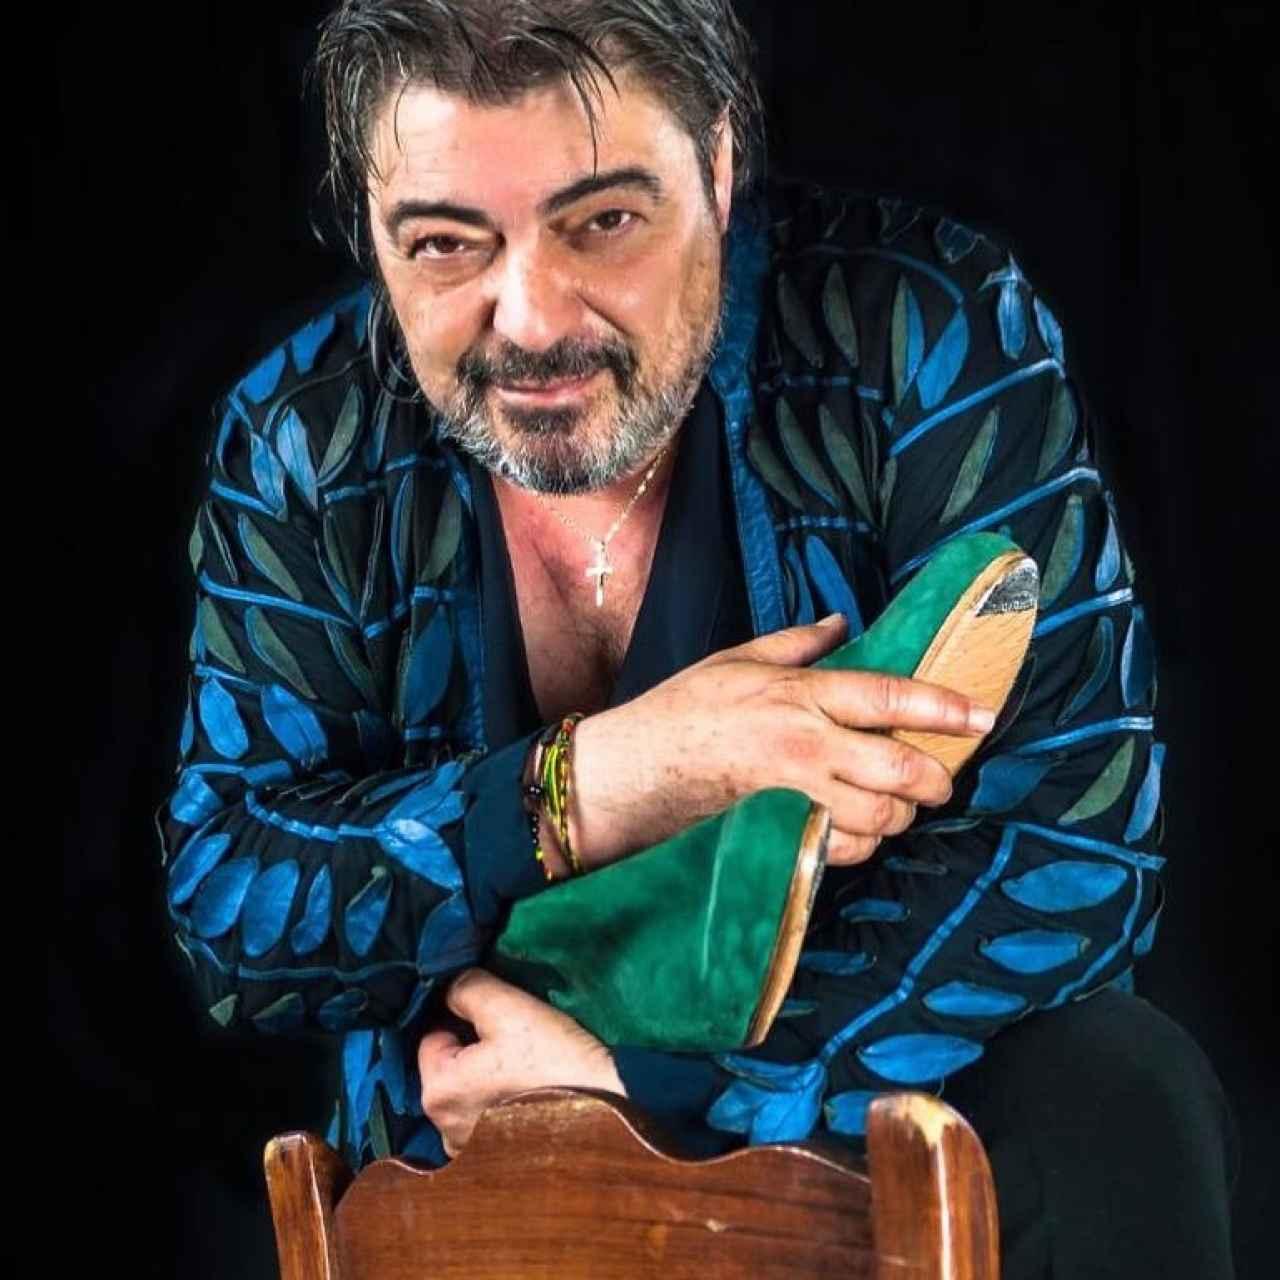 Antonio Canales en una imagen de sus redes sociales.